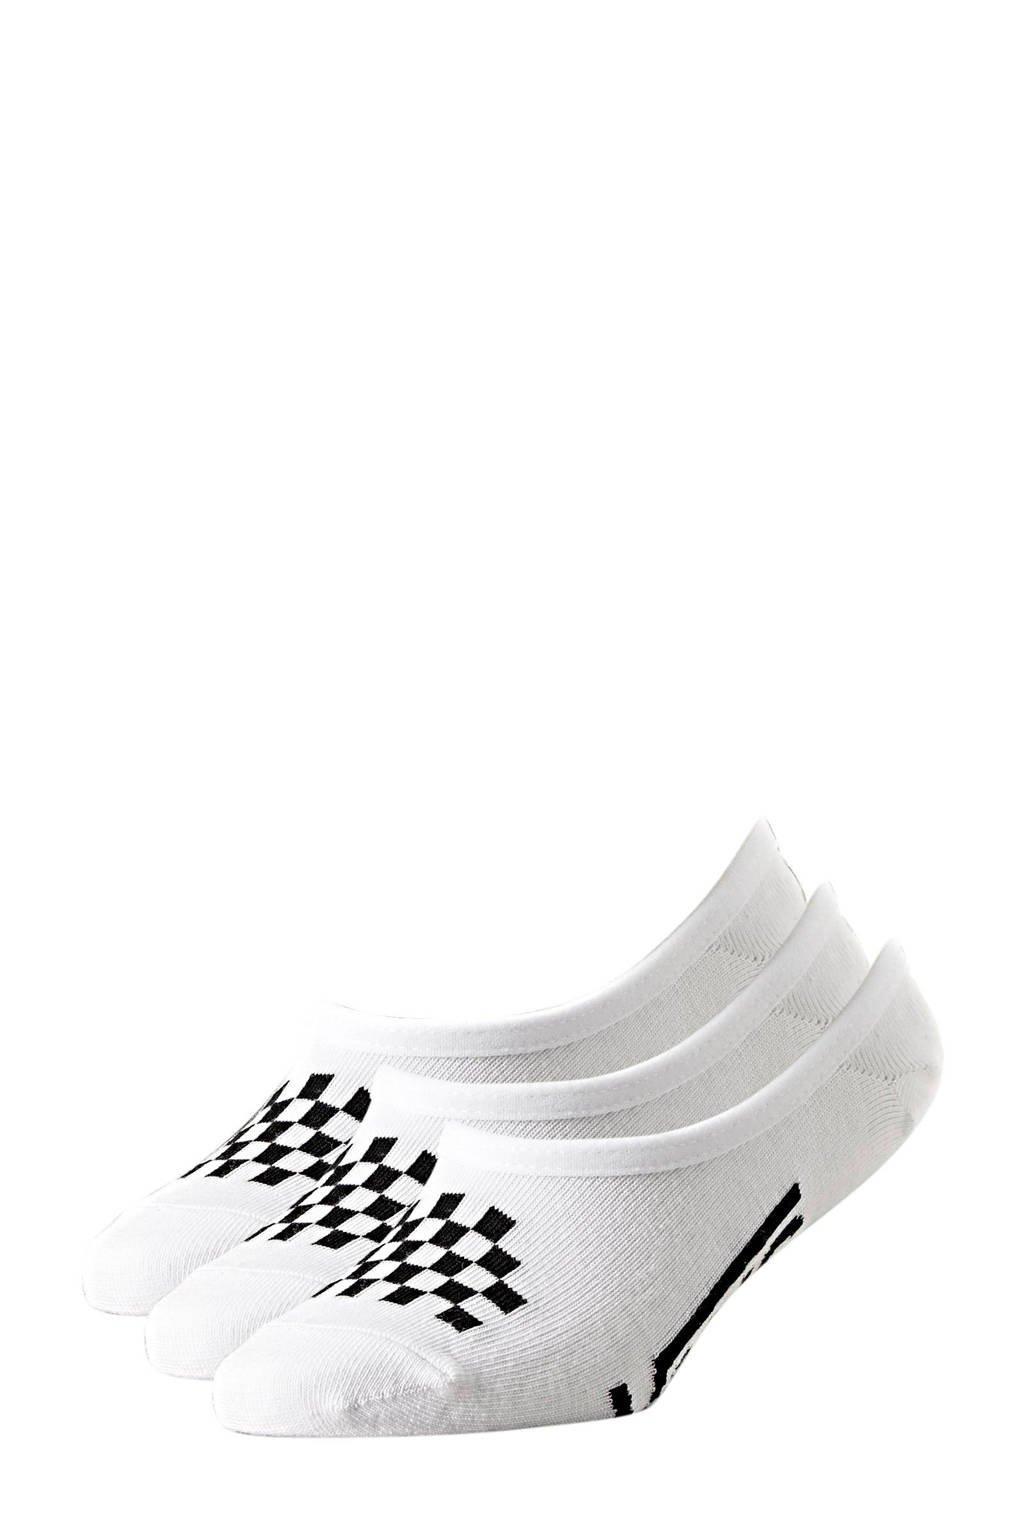 VANS sneakersokken - set van 3 wit, Wit/zwart